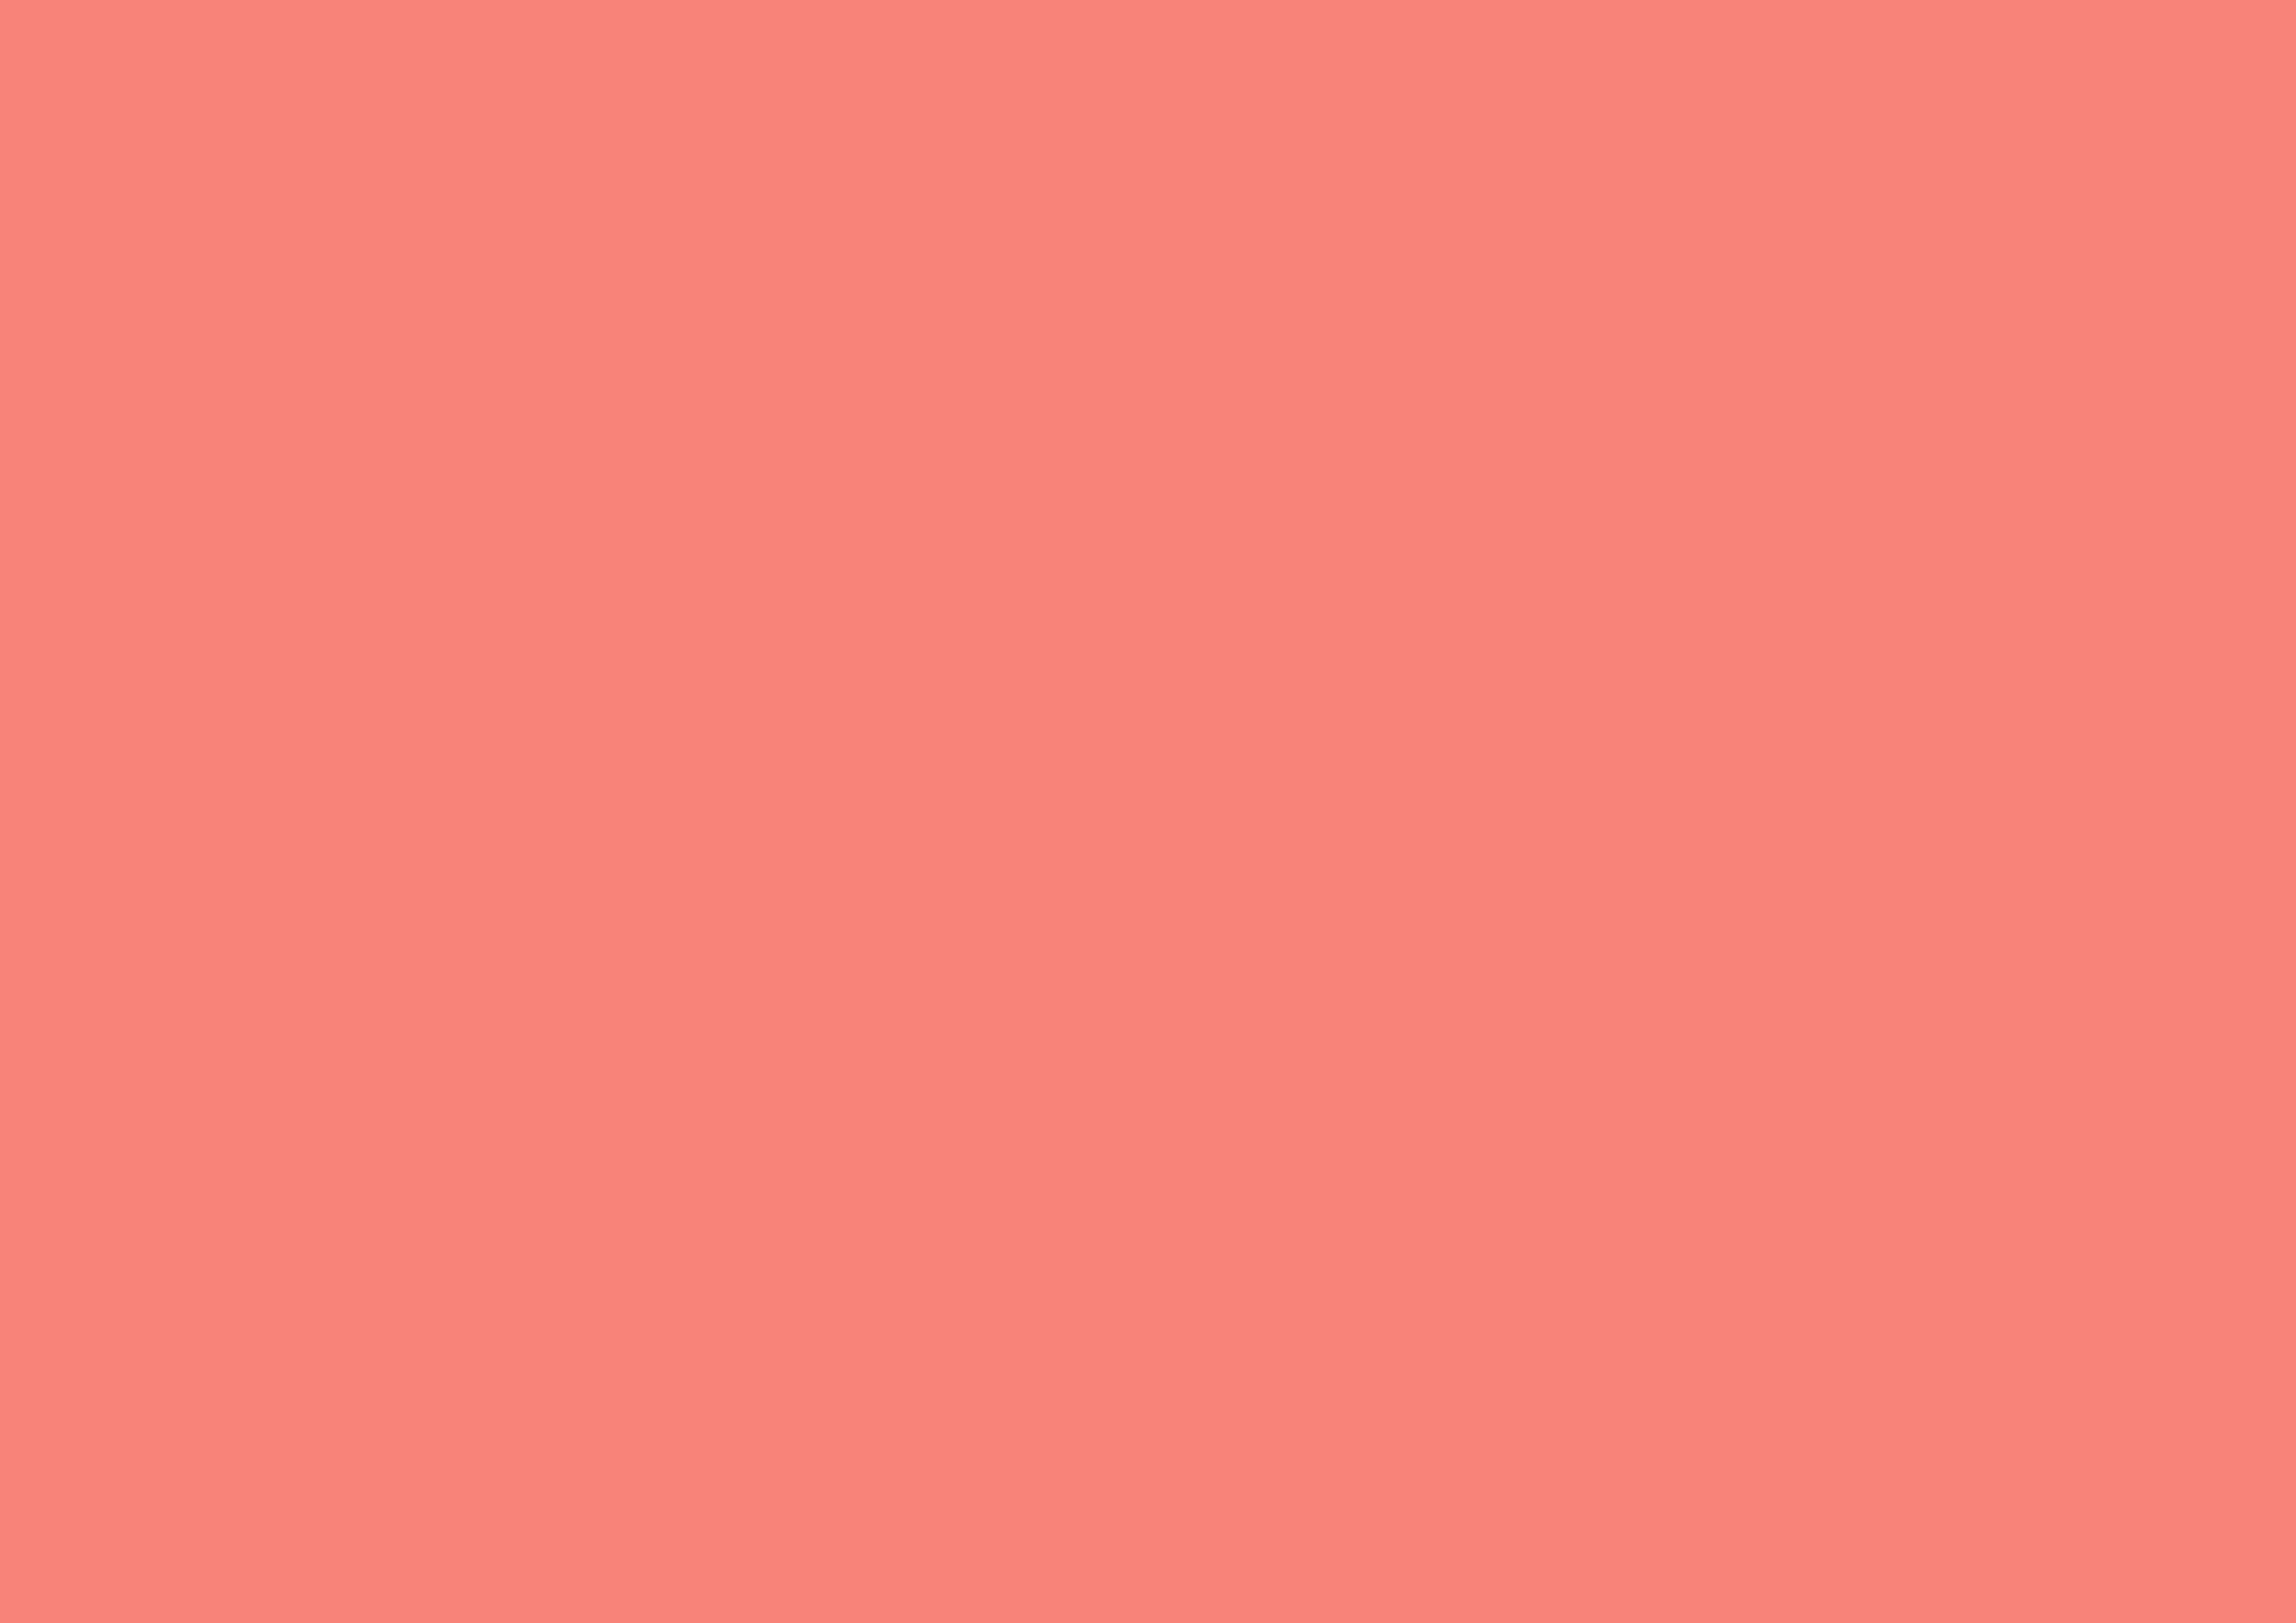 3508x2480 Tea Rose Orange Solid Color Background